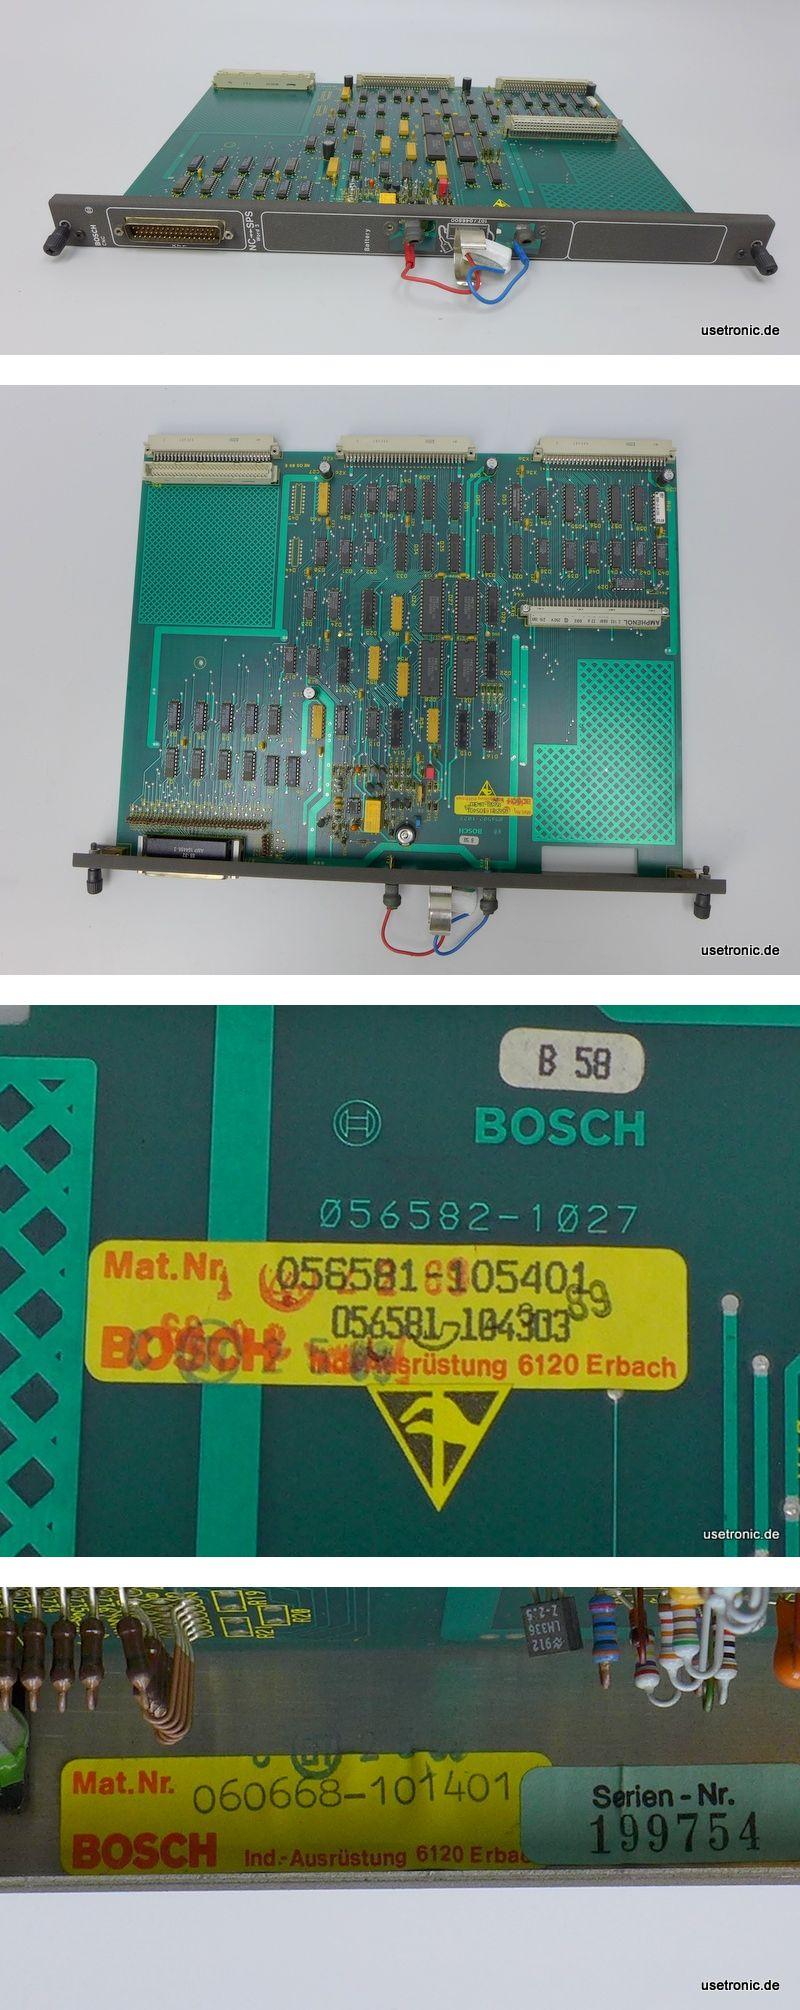 Bosch CNC Modul NC-SPS 056581-105401 060668-101401